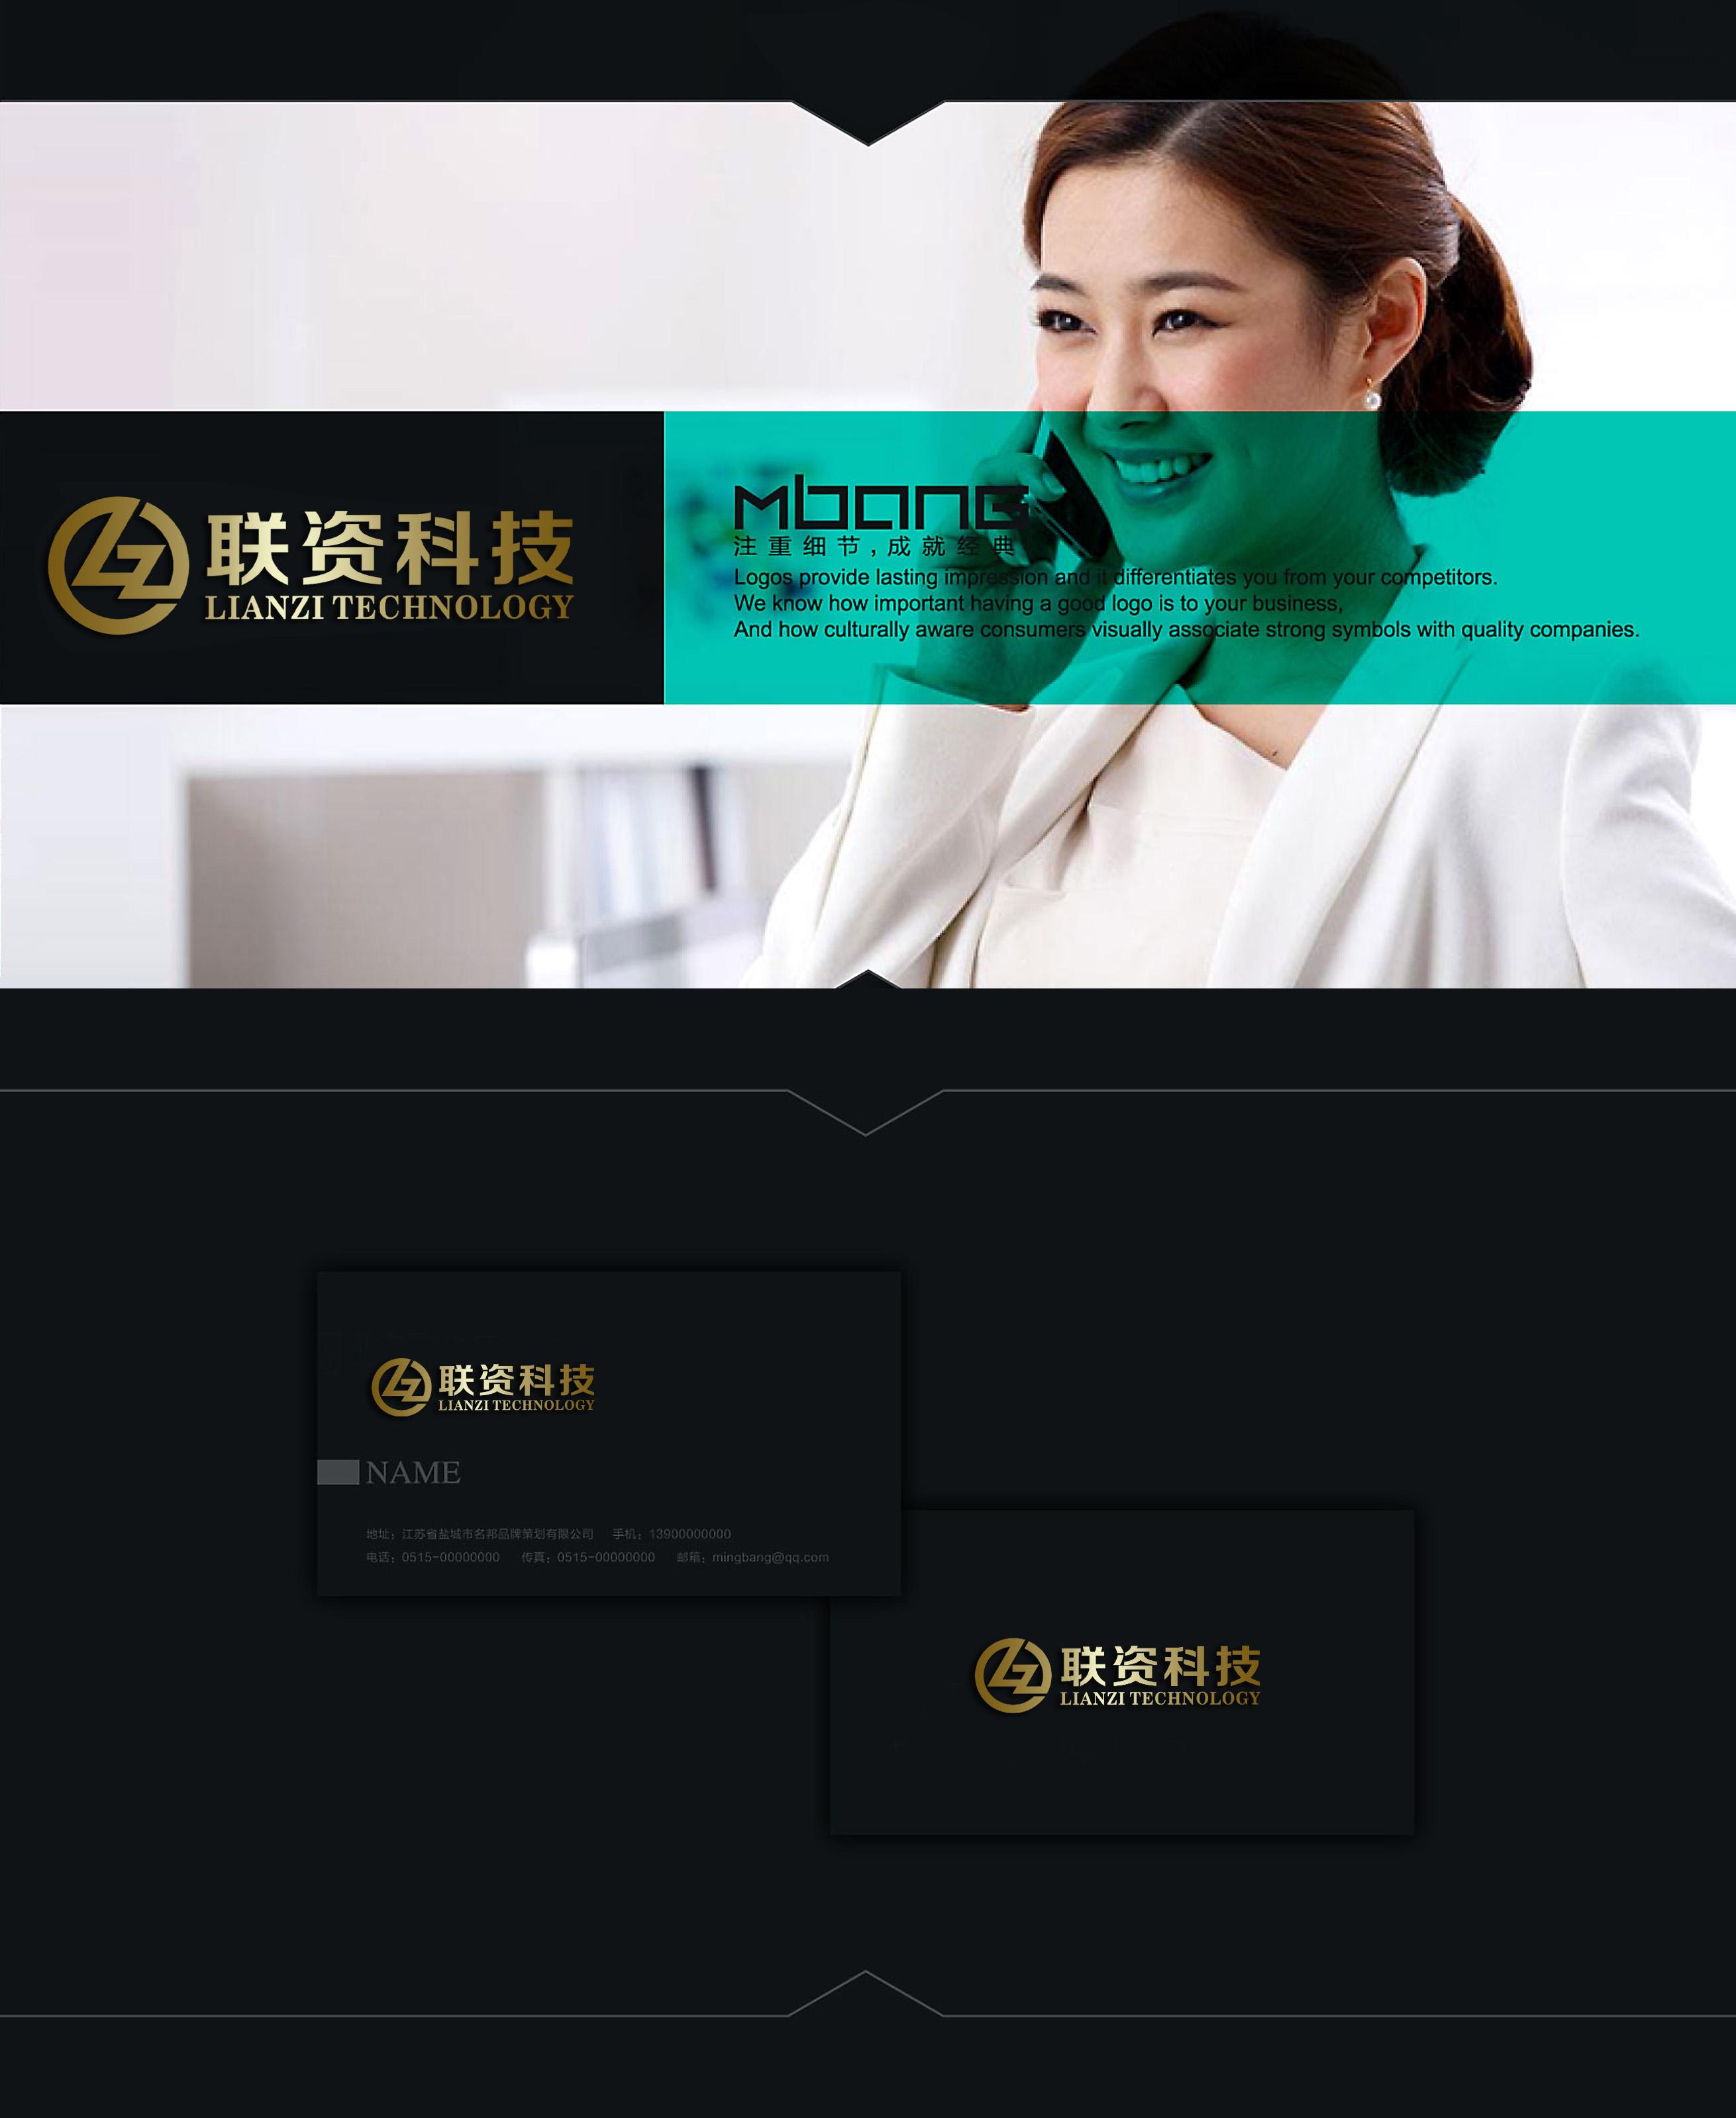 石化行业公司Logo设计_2963337_k68威客网